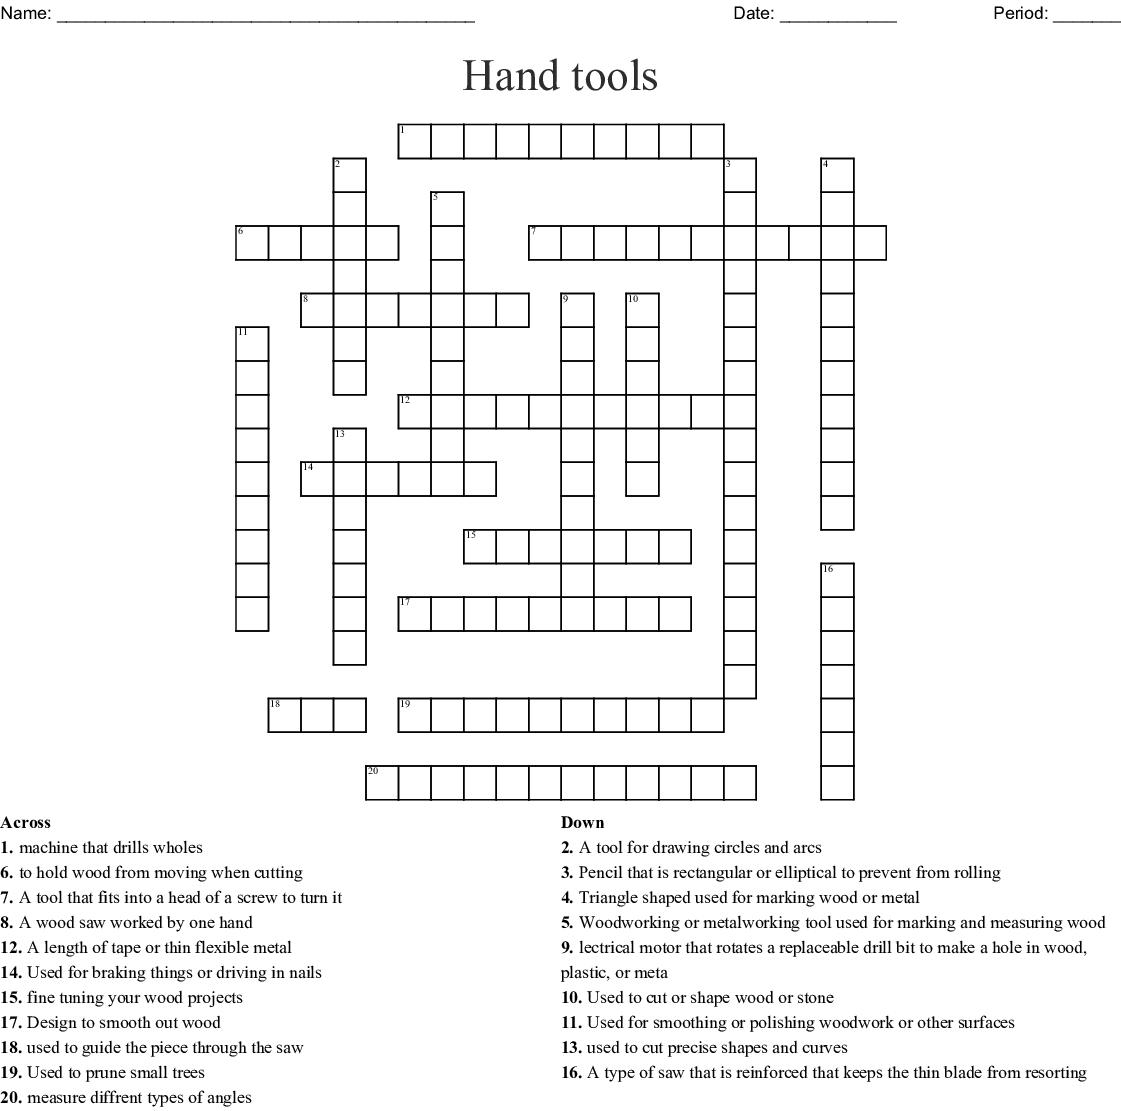 Hand Tools Crossword